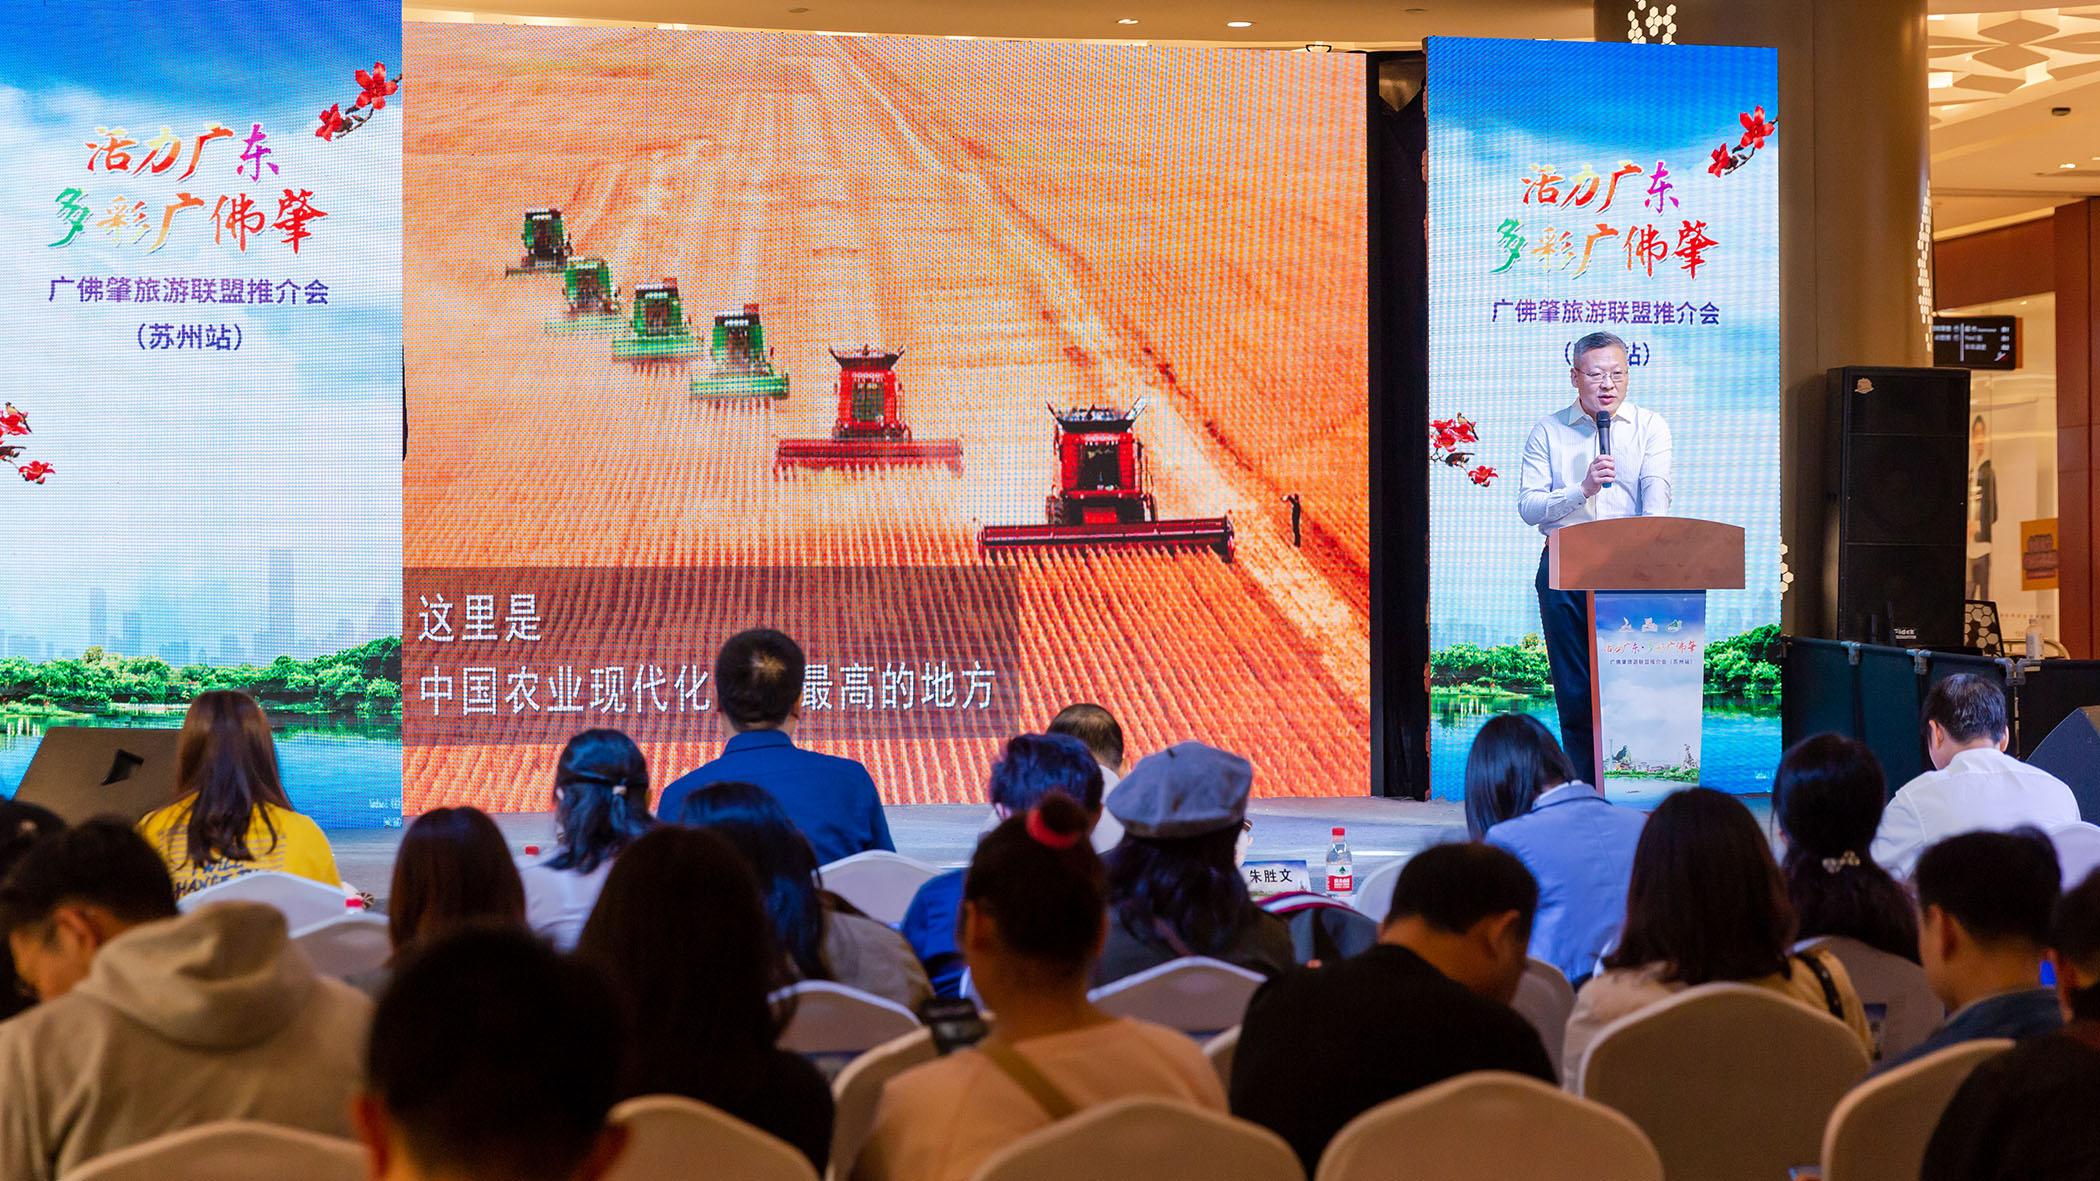 遇见活力广东 广佛肇旅游联盟推介会走进上海和苏州